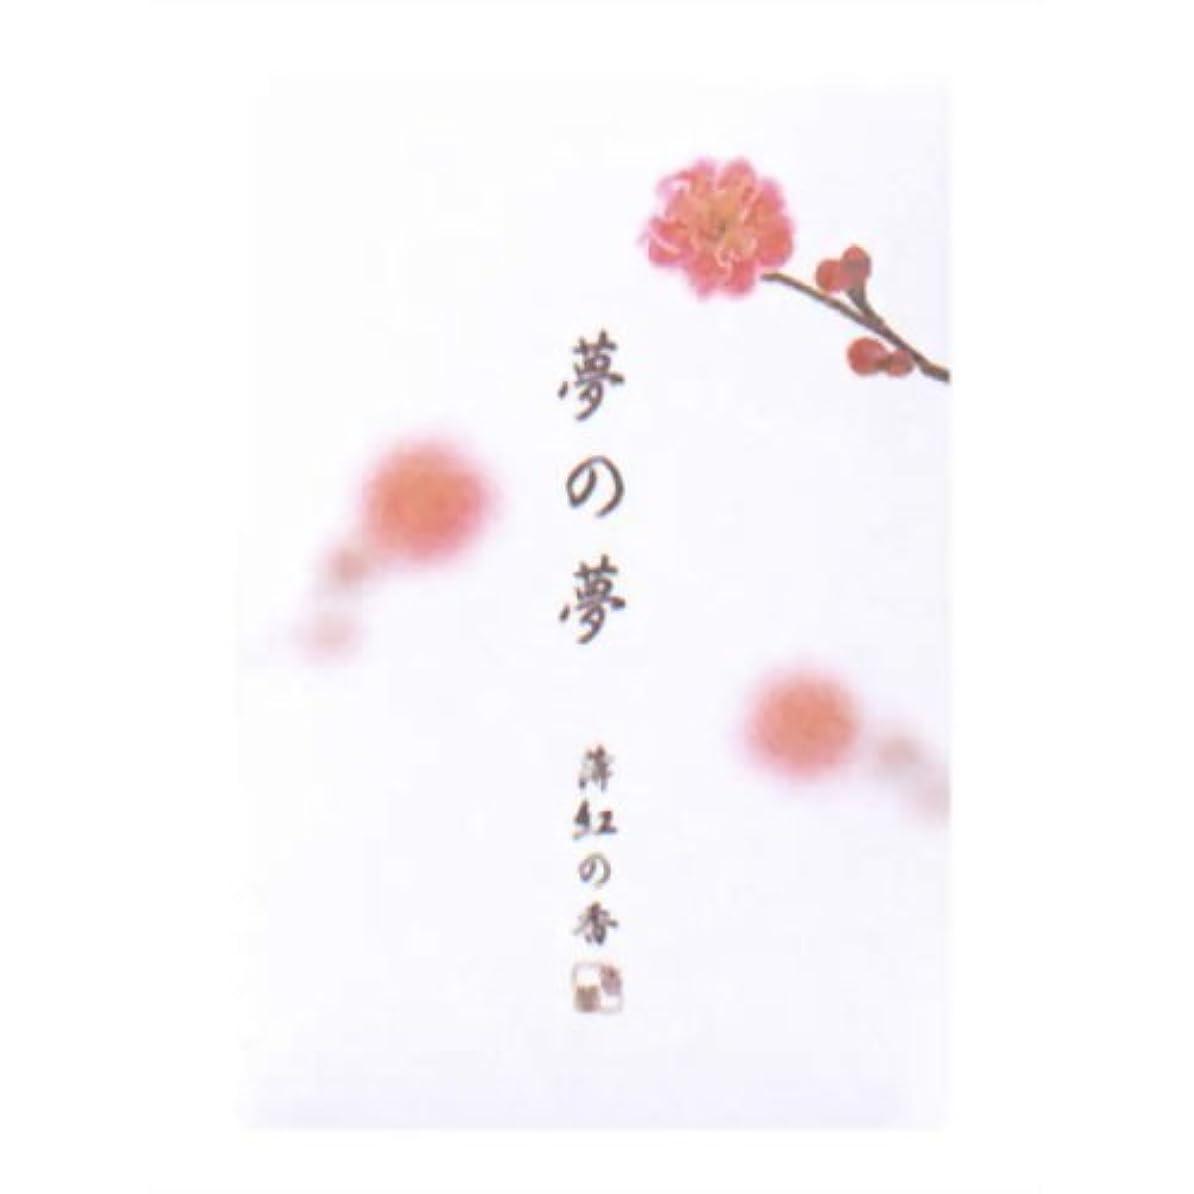 バルブセマフォ額夢の夢 薄紅の香 (梅) スティック12本入